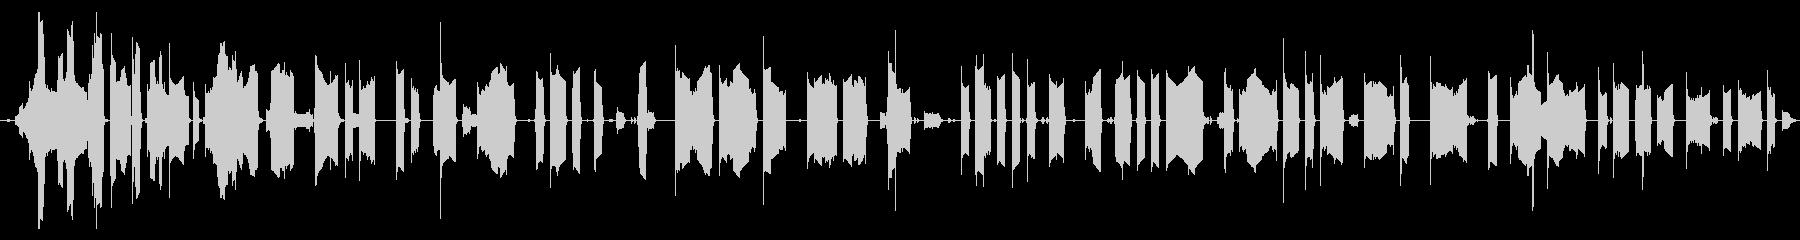 ヴィンテージブロークントーンコンピ...の未再生の波形